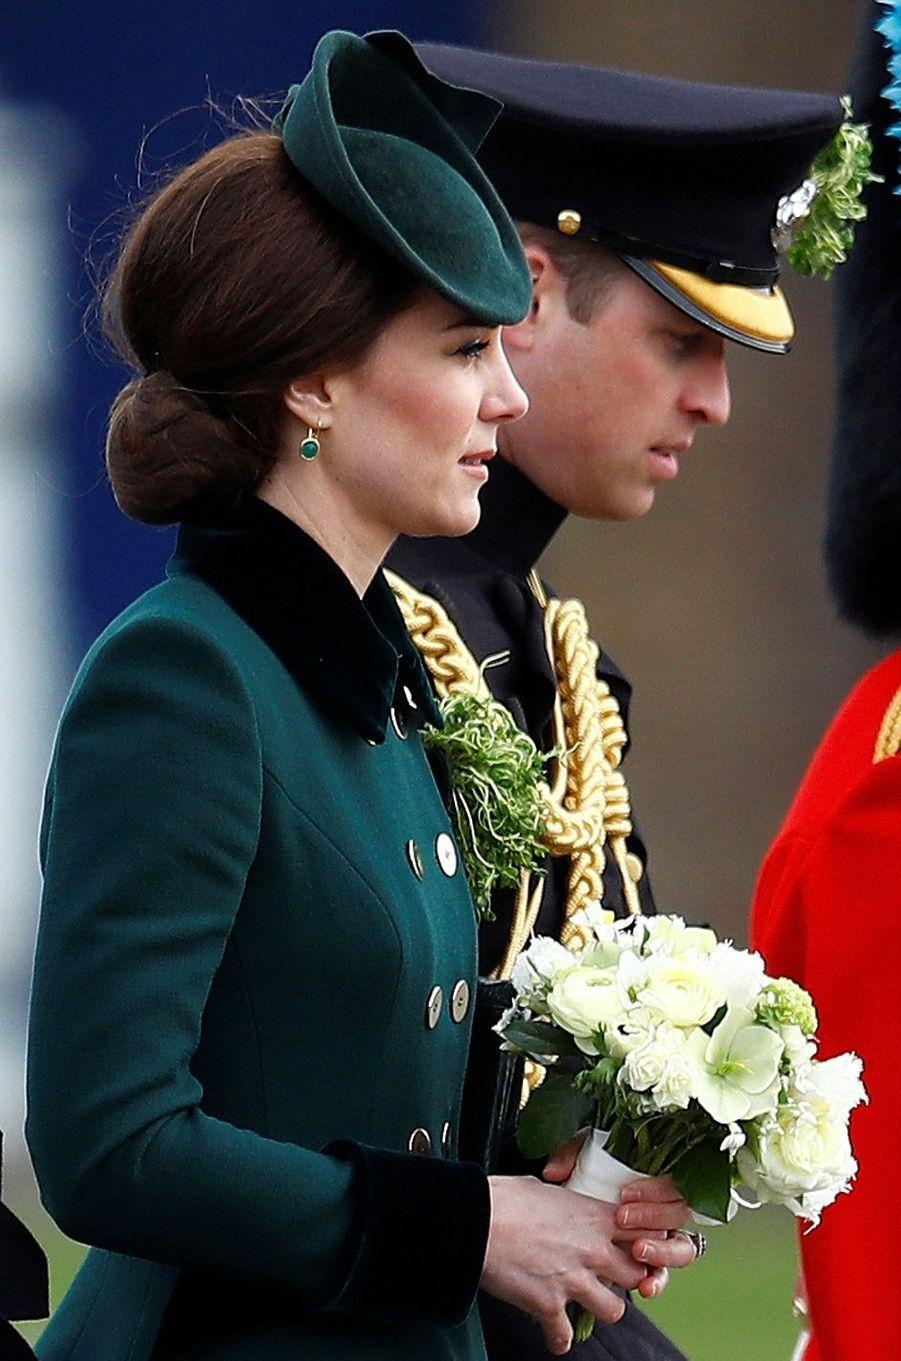 Détail du bibi de la duchesse de Cambridge, née Kate Middleton, pour la St Patrick à Aldershot, le 17 mars 2017